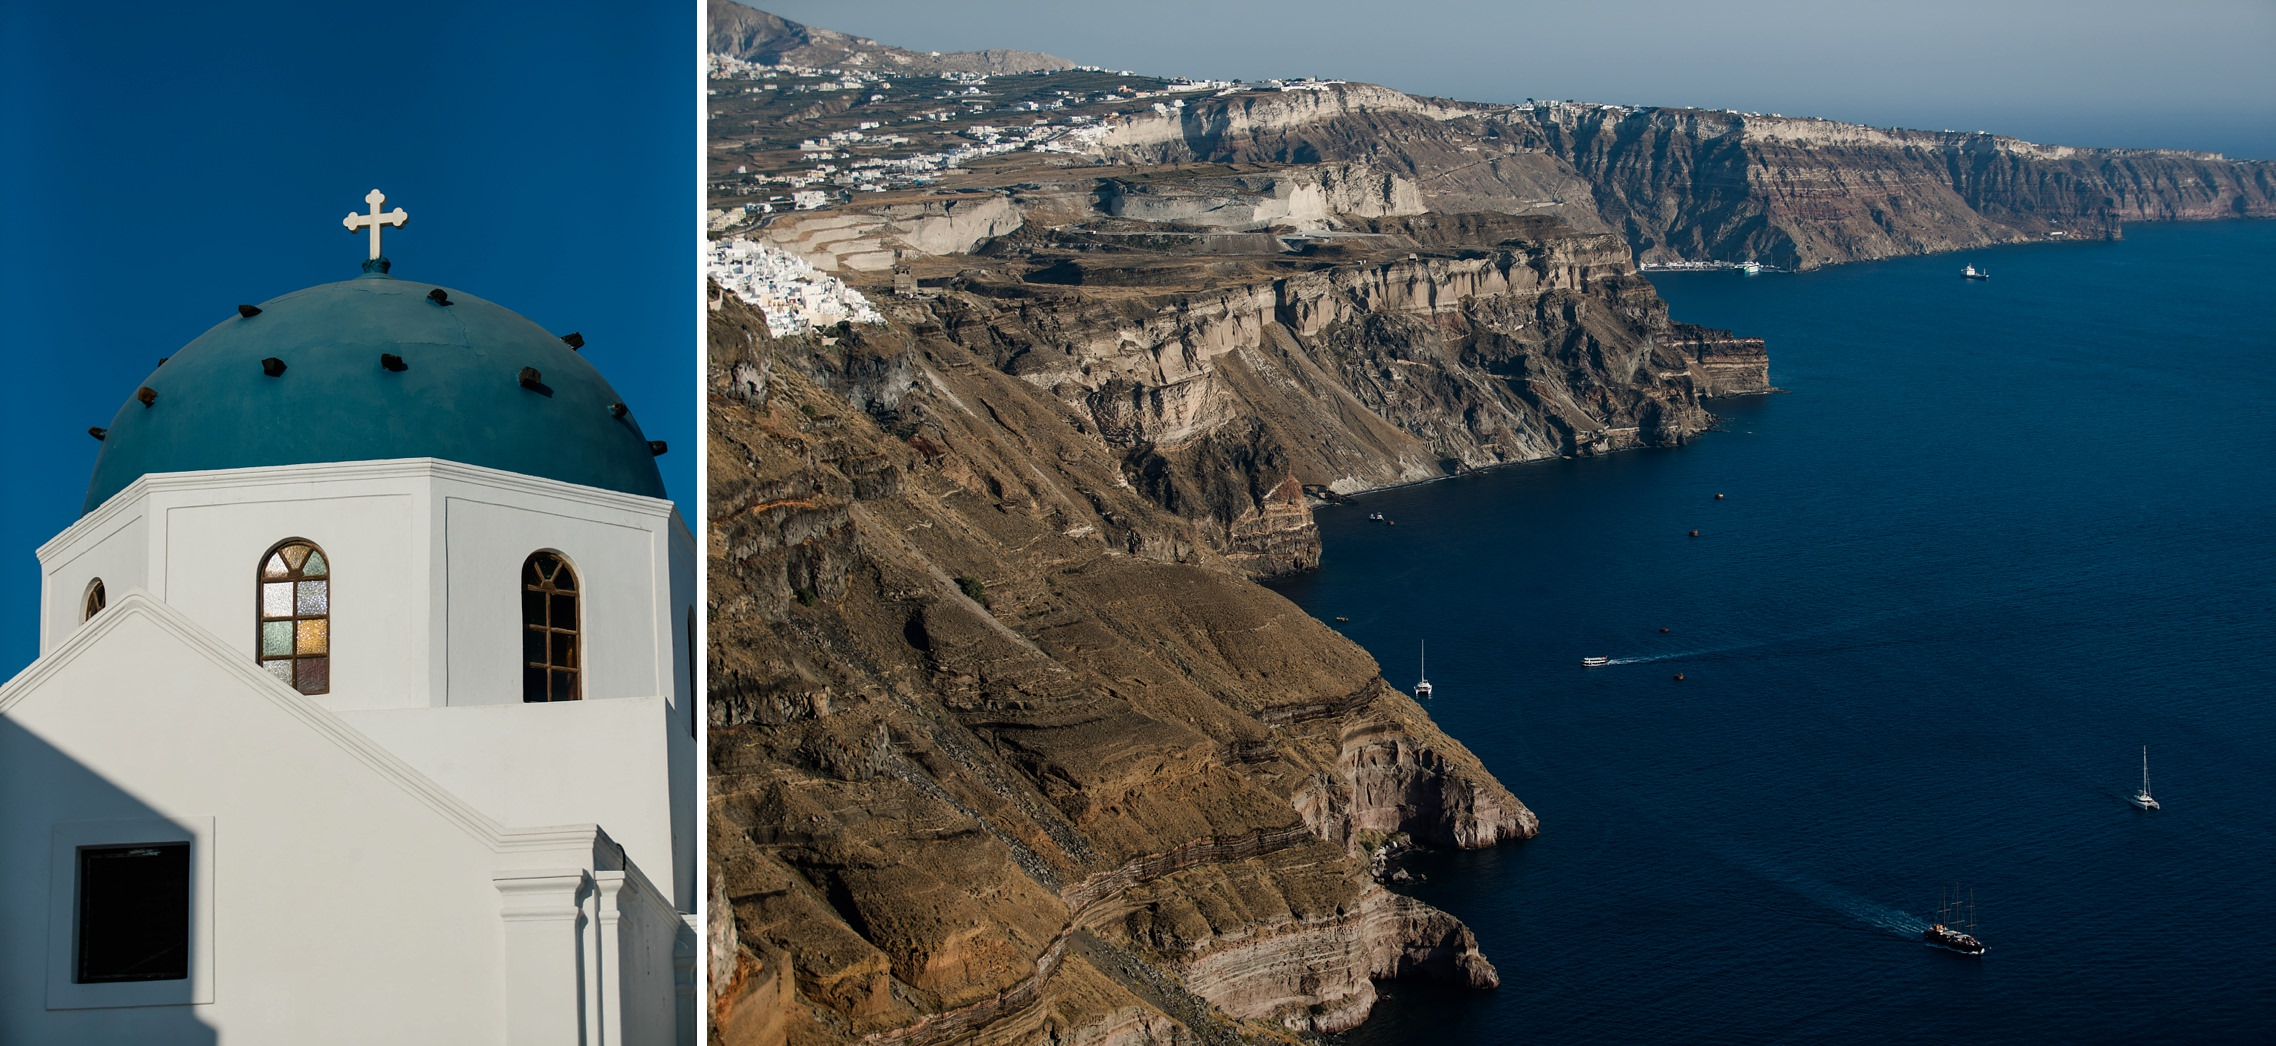 Steilküste von Santorini und typische blaue Kirchenkuppel.